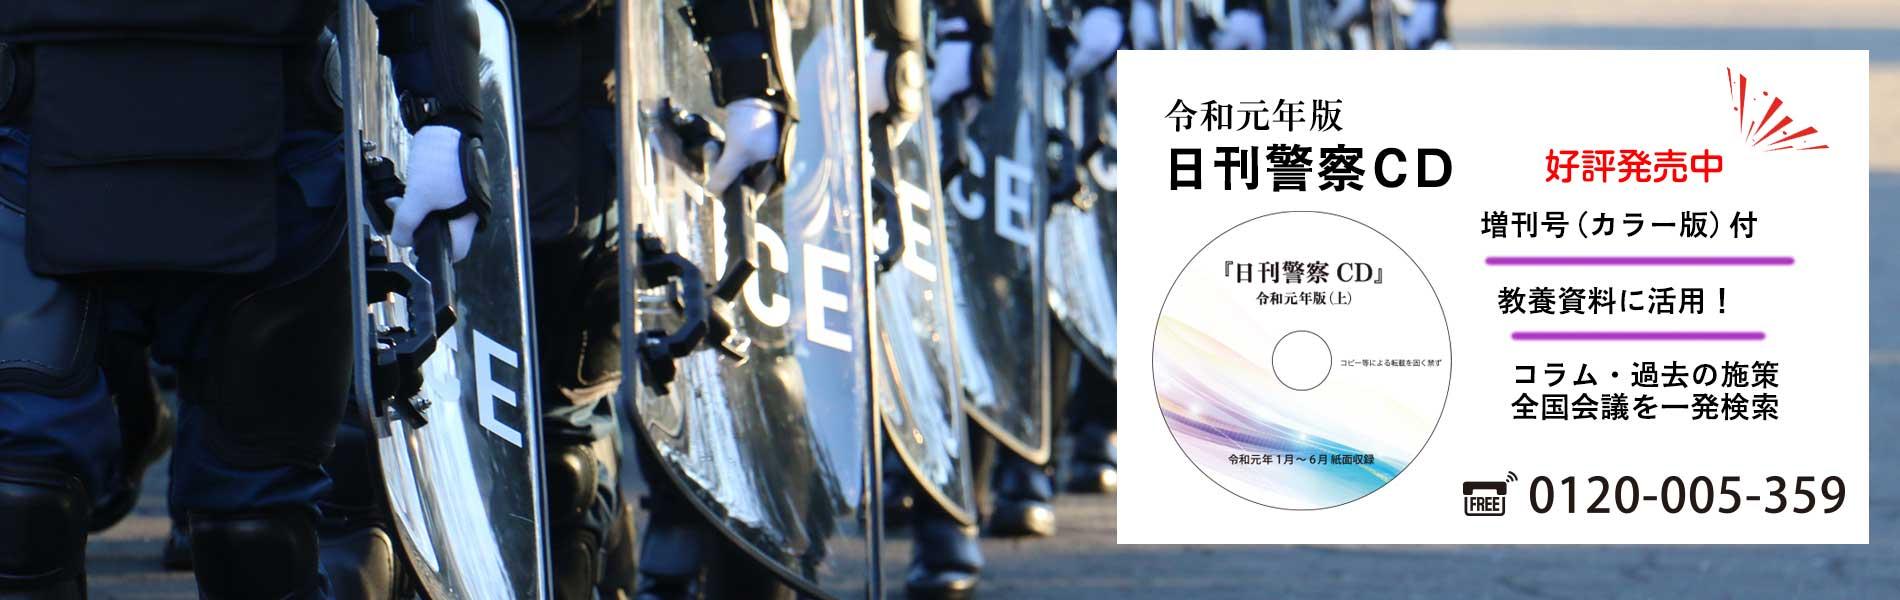 令和元年版日刊警察CD好評発売中